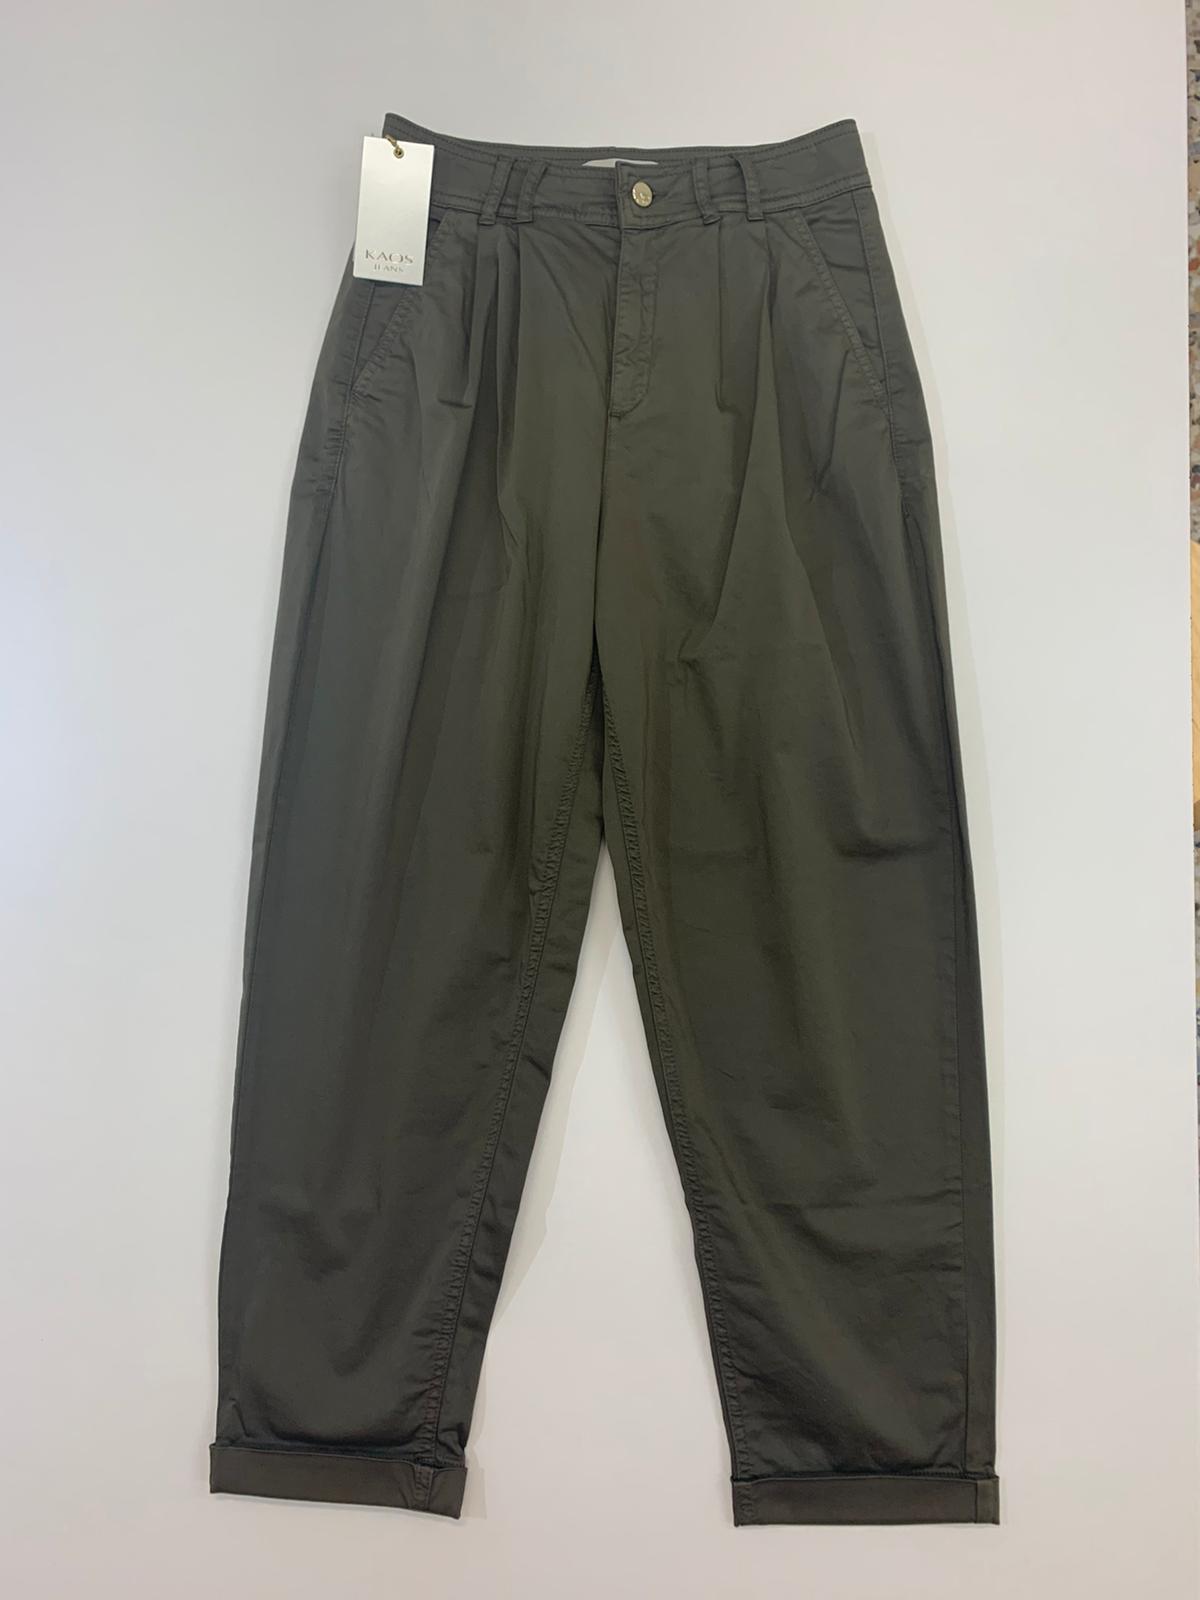 Pantalone Kaos Jeans Ballon Militare